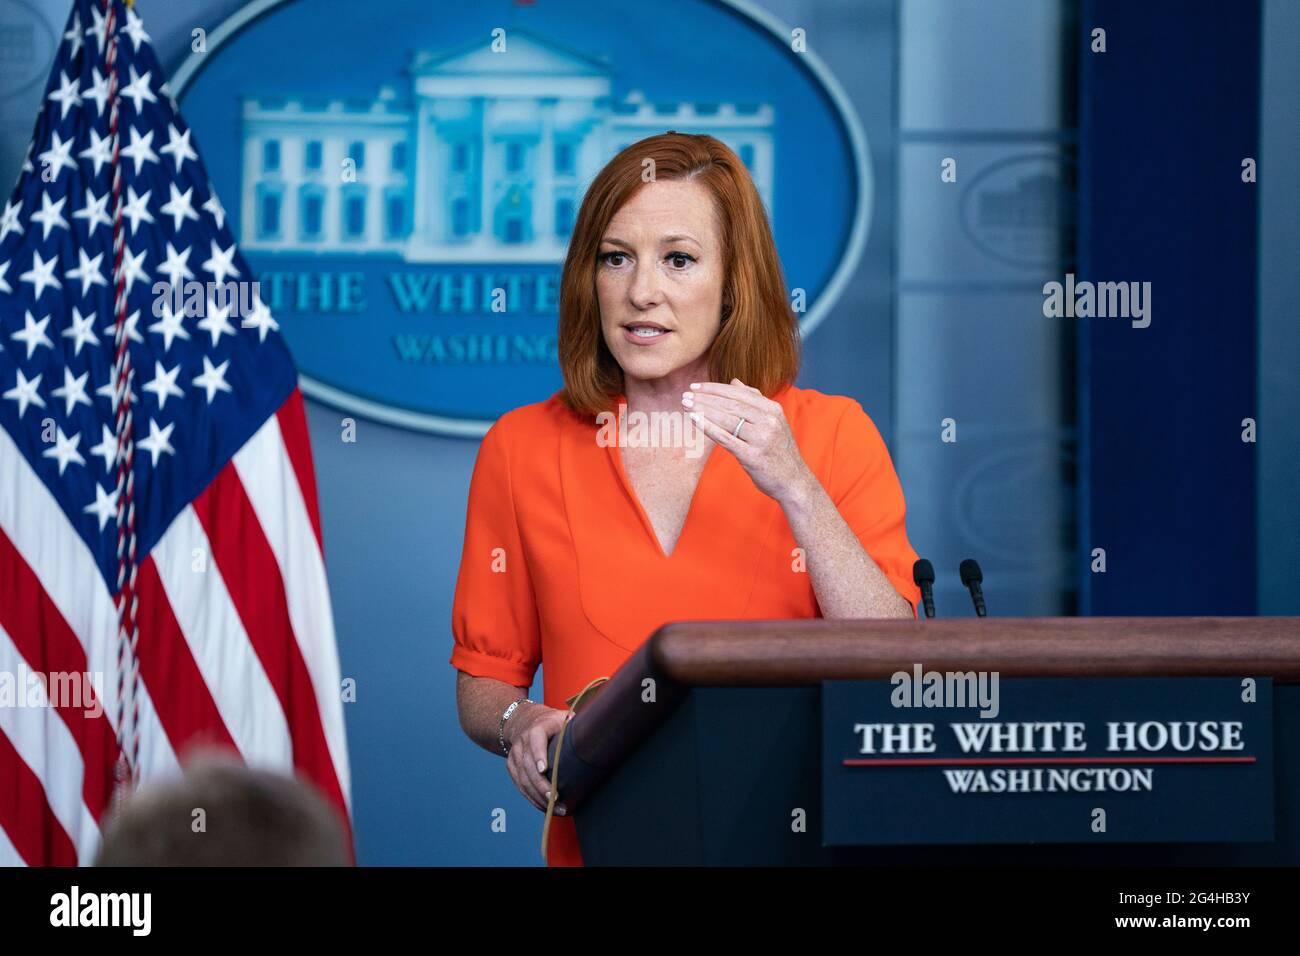 Il segretario della Casa Bianca Jen Psaki parla ai giornalisti durante il briefing quotidiano della Casa Bianca alla Casa Bianca martedì 21 giugno 2021 a Washington, DC Credit: Alex Edelman/Pool via CNP /MediaPunch Foto Stock